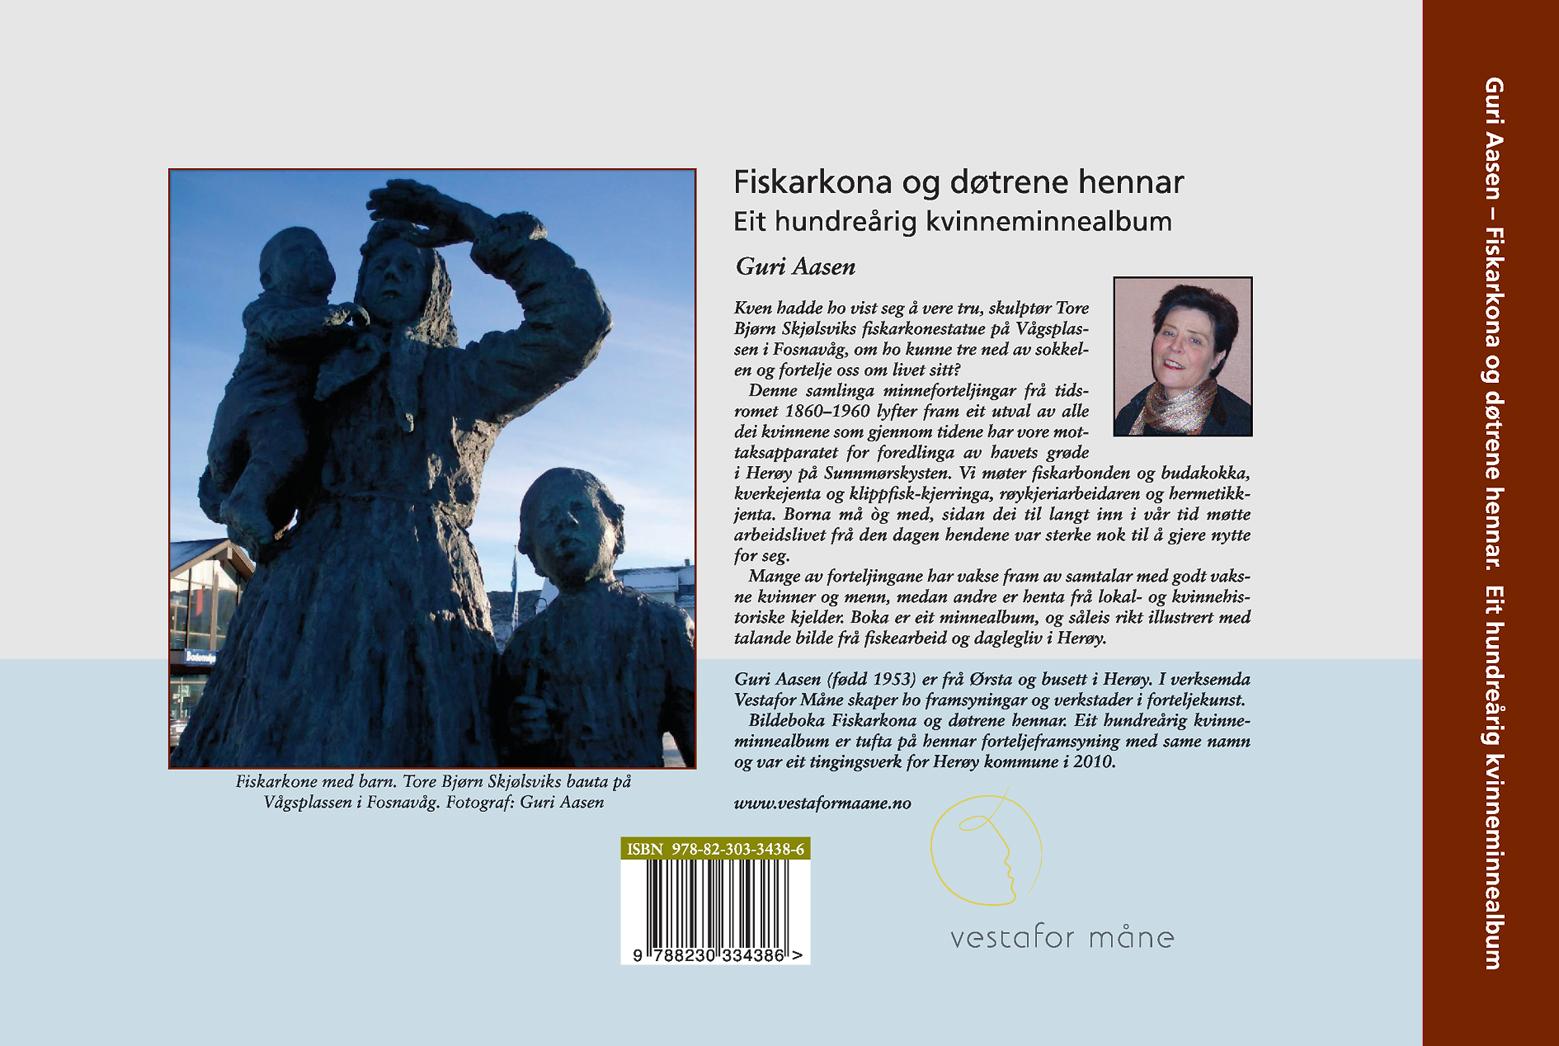 Ø Bakside Fiskarkona og døtrene hennar